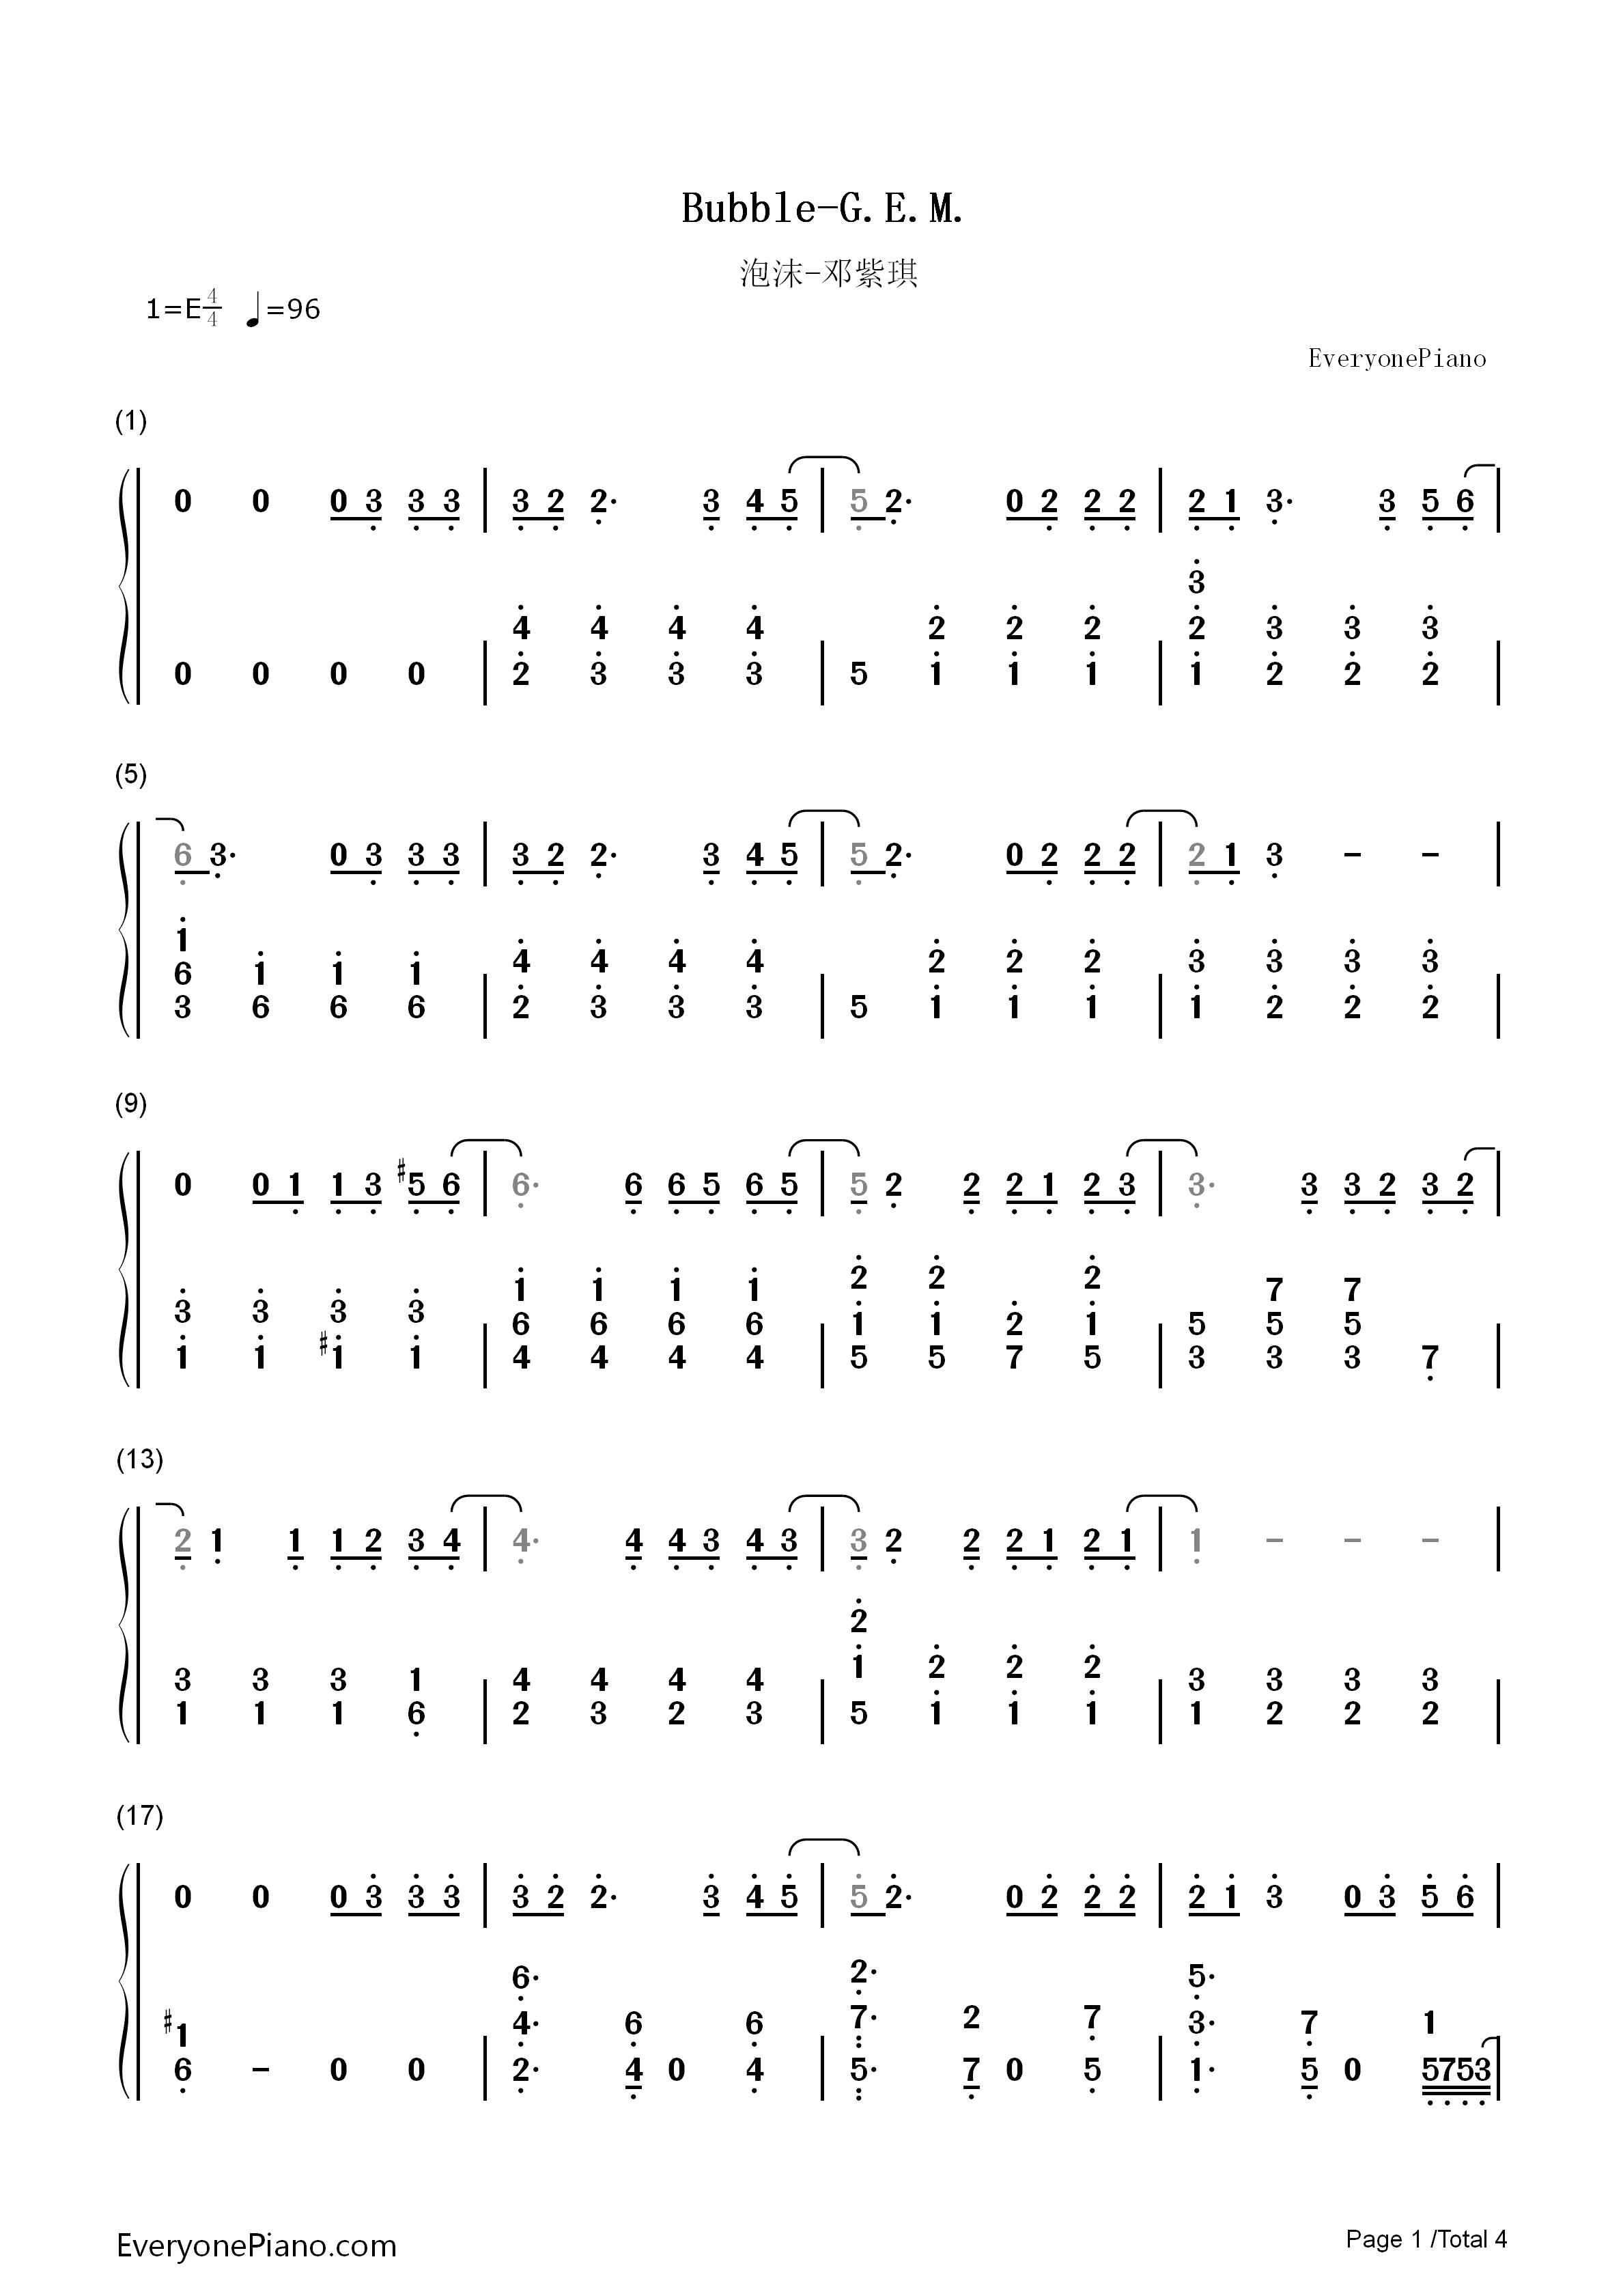 泡沫-邓紫棋双手简谱预览1-钢琴谱(五线谱,双手简谱)